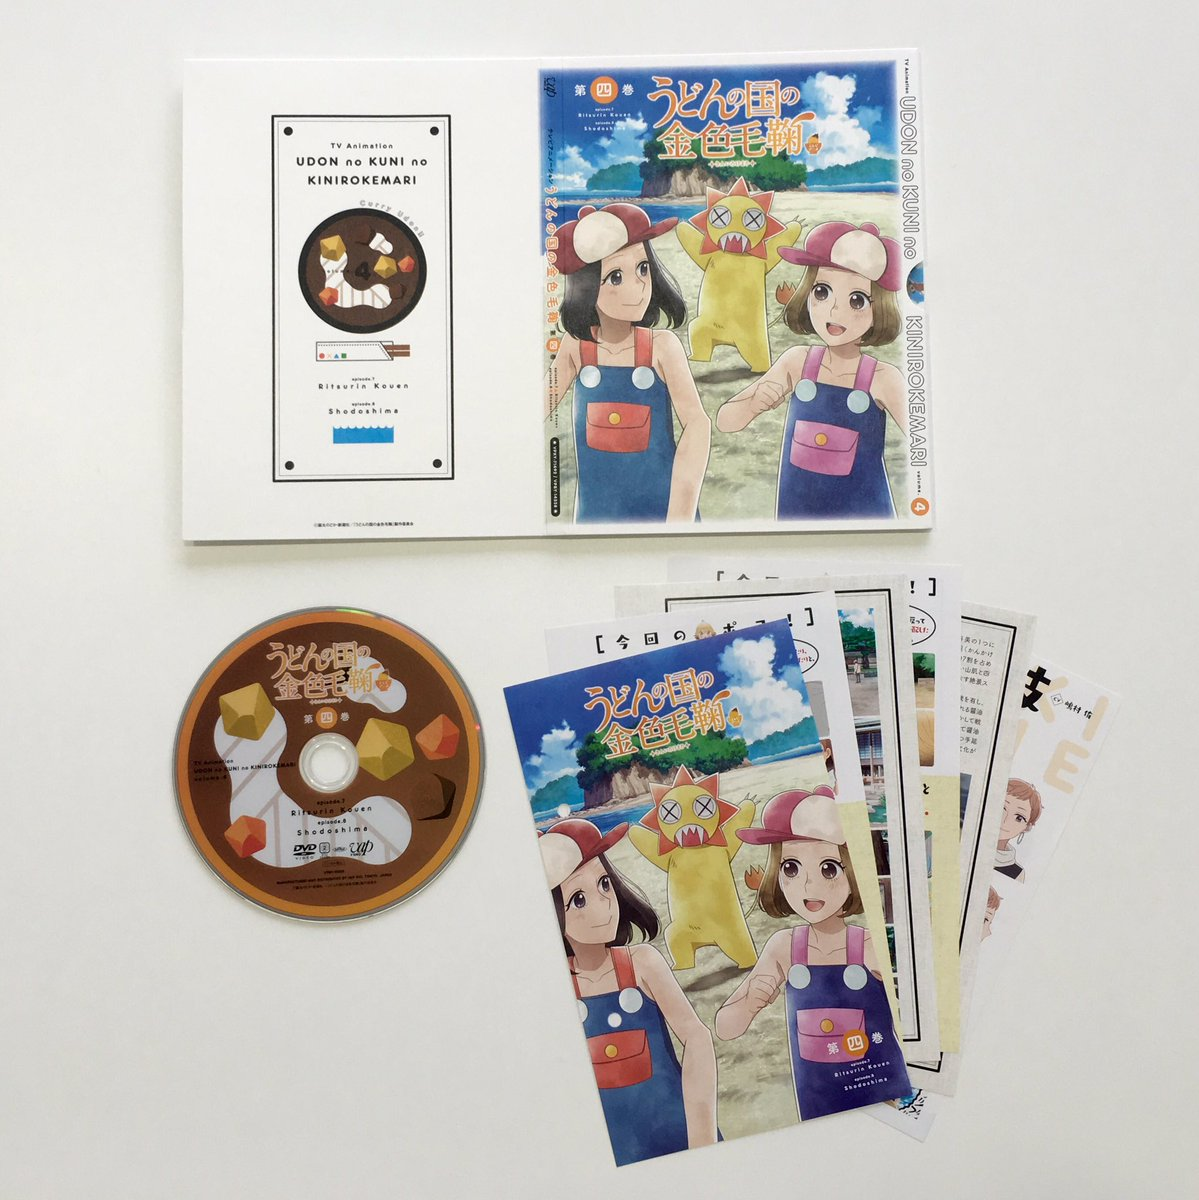 【うどんの国の金色毛鞠】Blu-ray&DVD第四巻、本日発売!映像特典には「ガオガオちゃんからの指令!うどんの